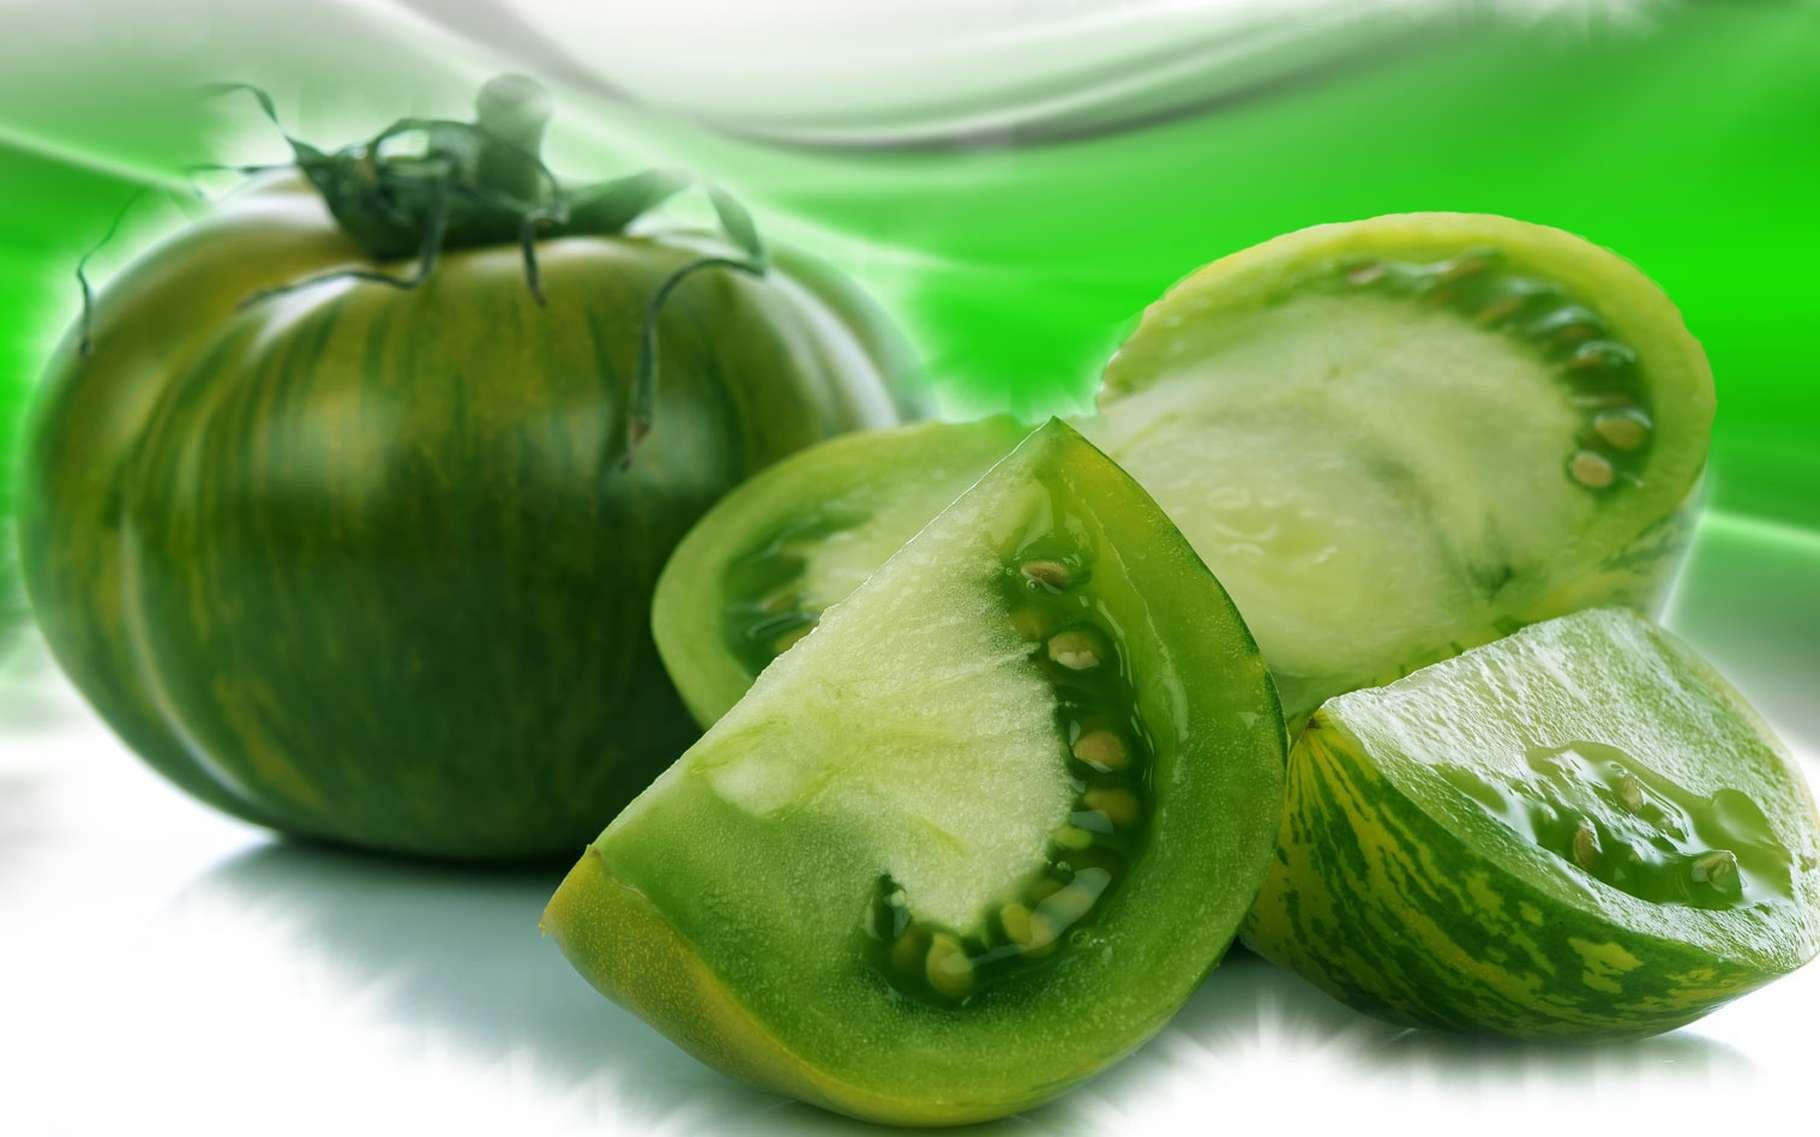 De délicieuses tomates vertes à cuisiner. © Thodonal, Fotolia